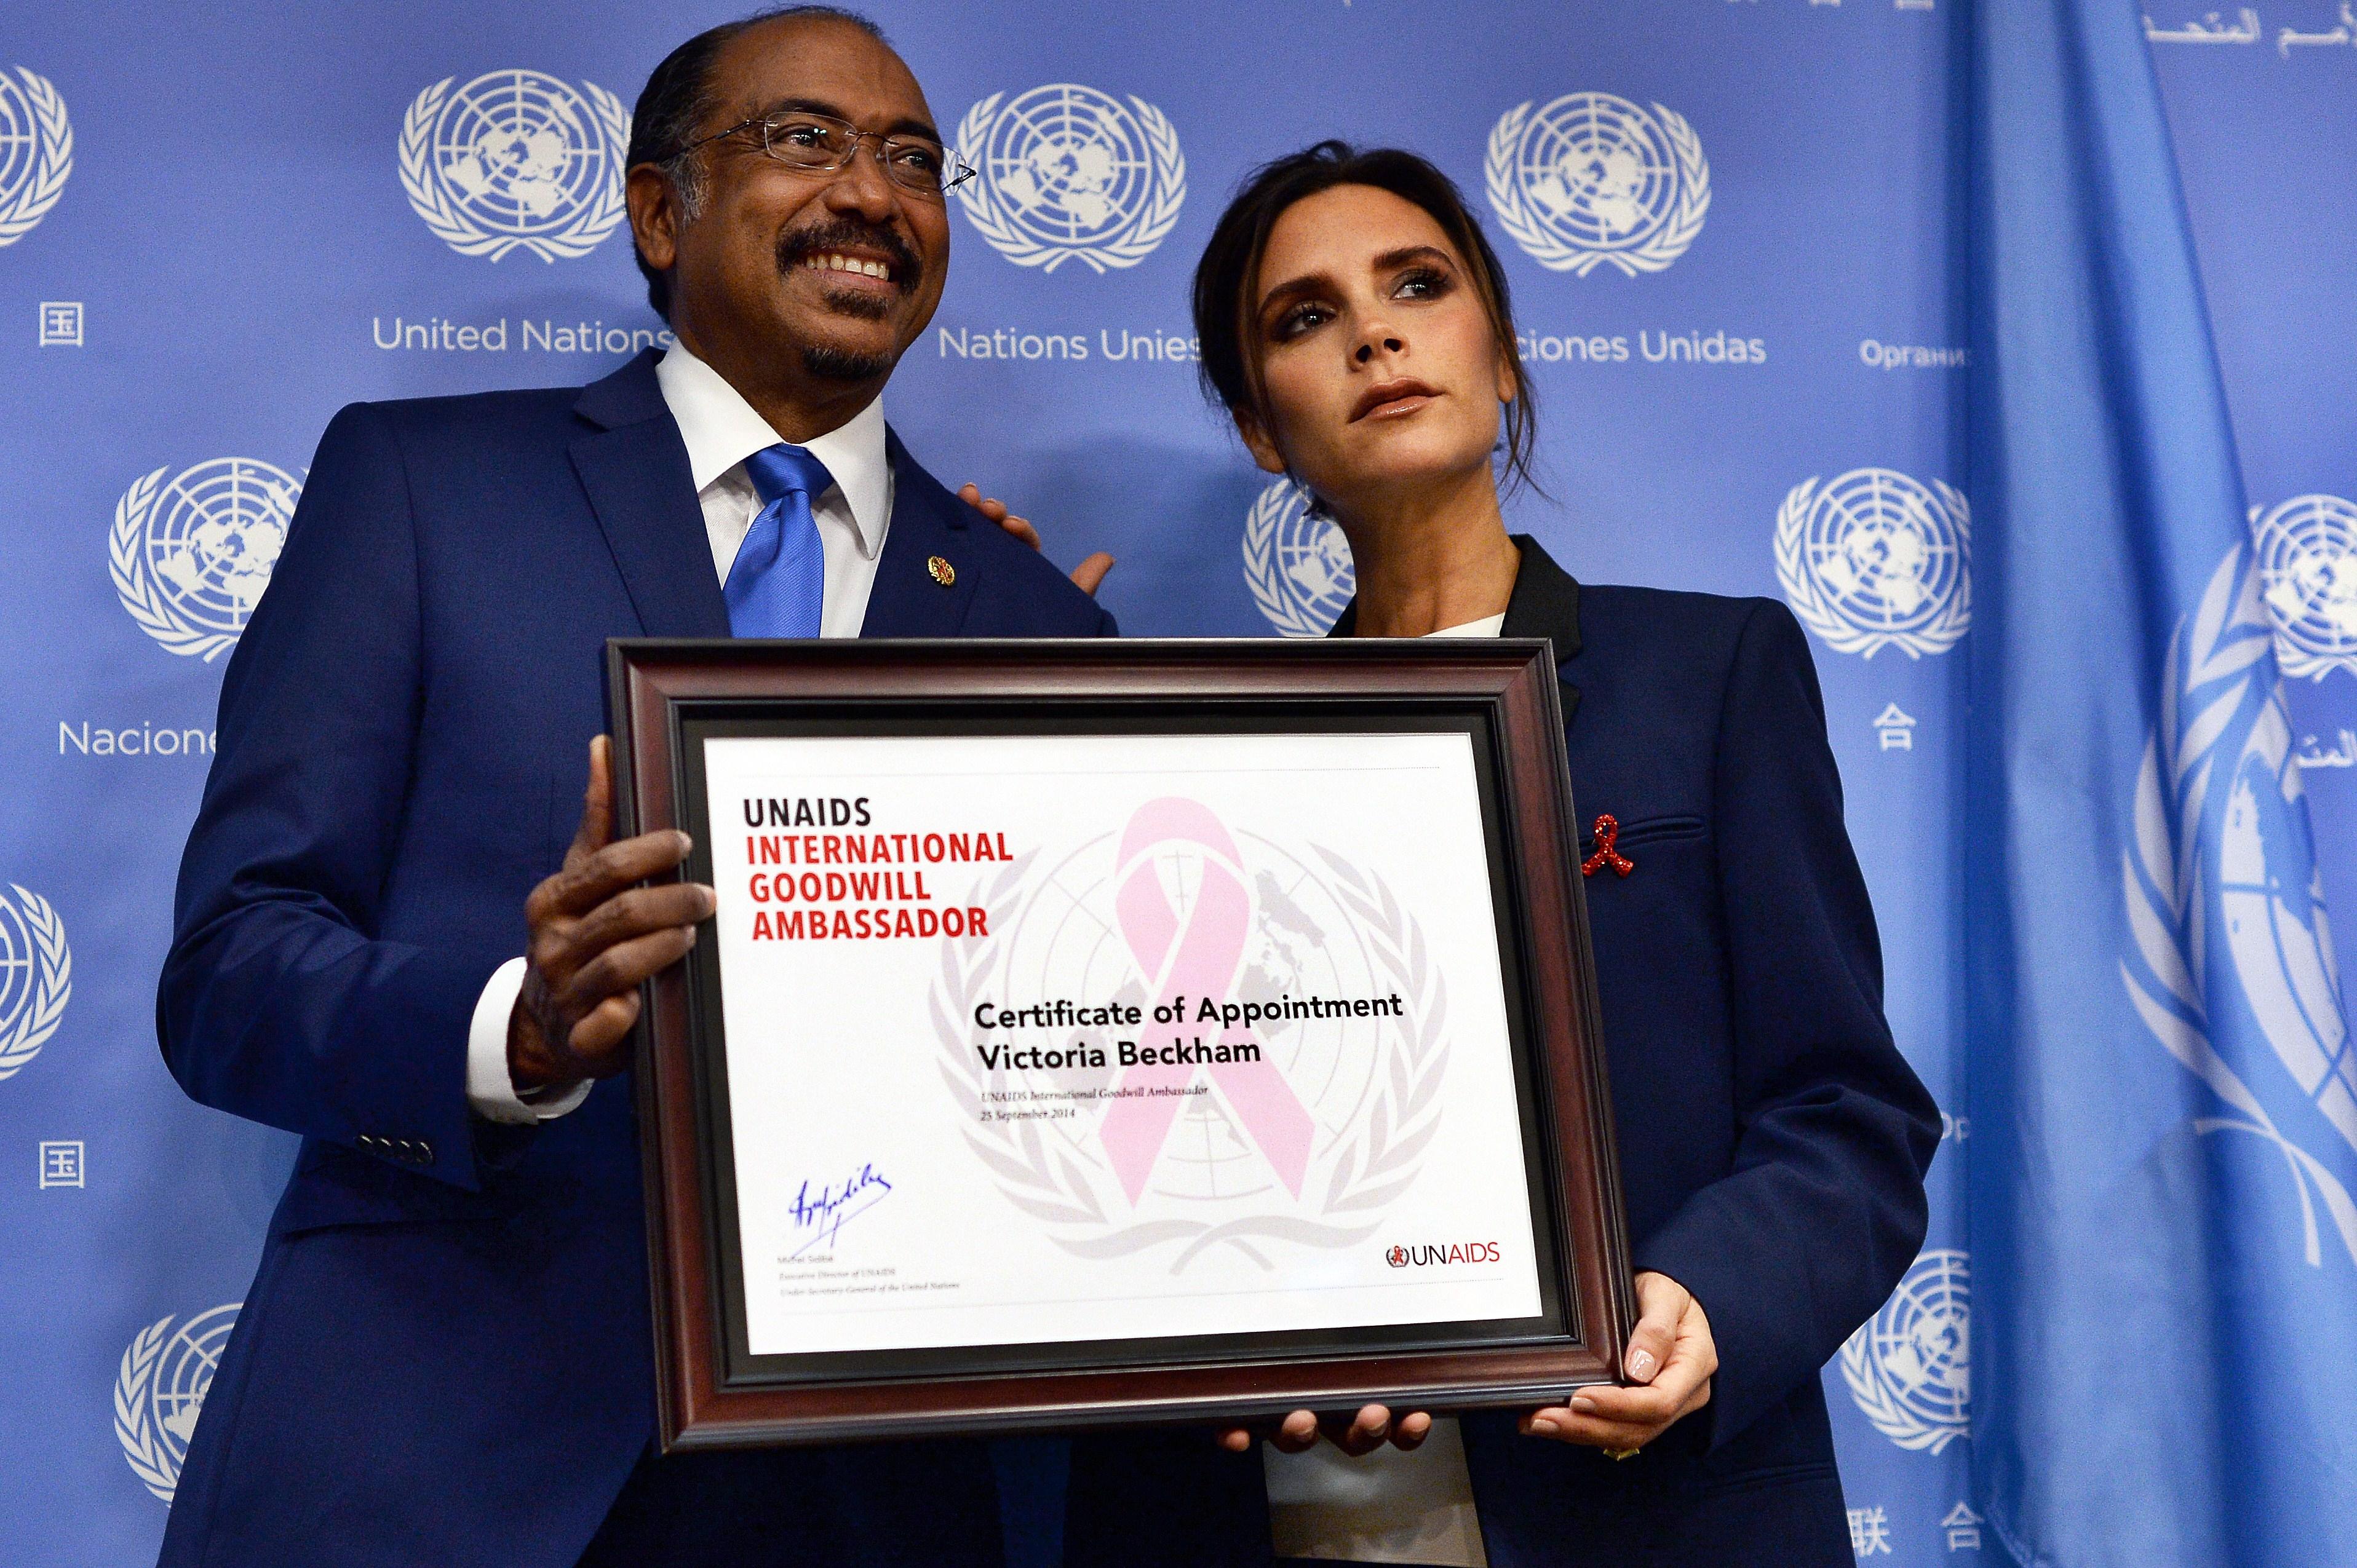 UN-GENERAL ASSEMBLY-UNAIDS-BECKHAM